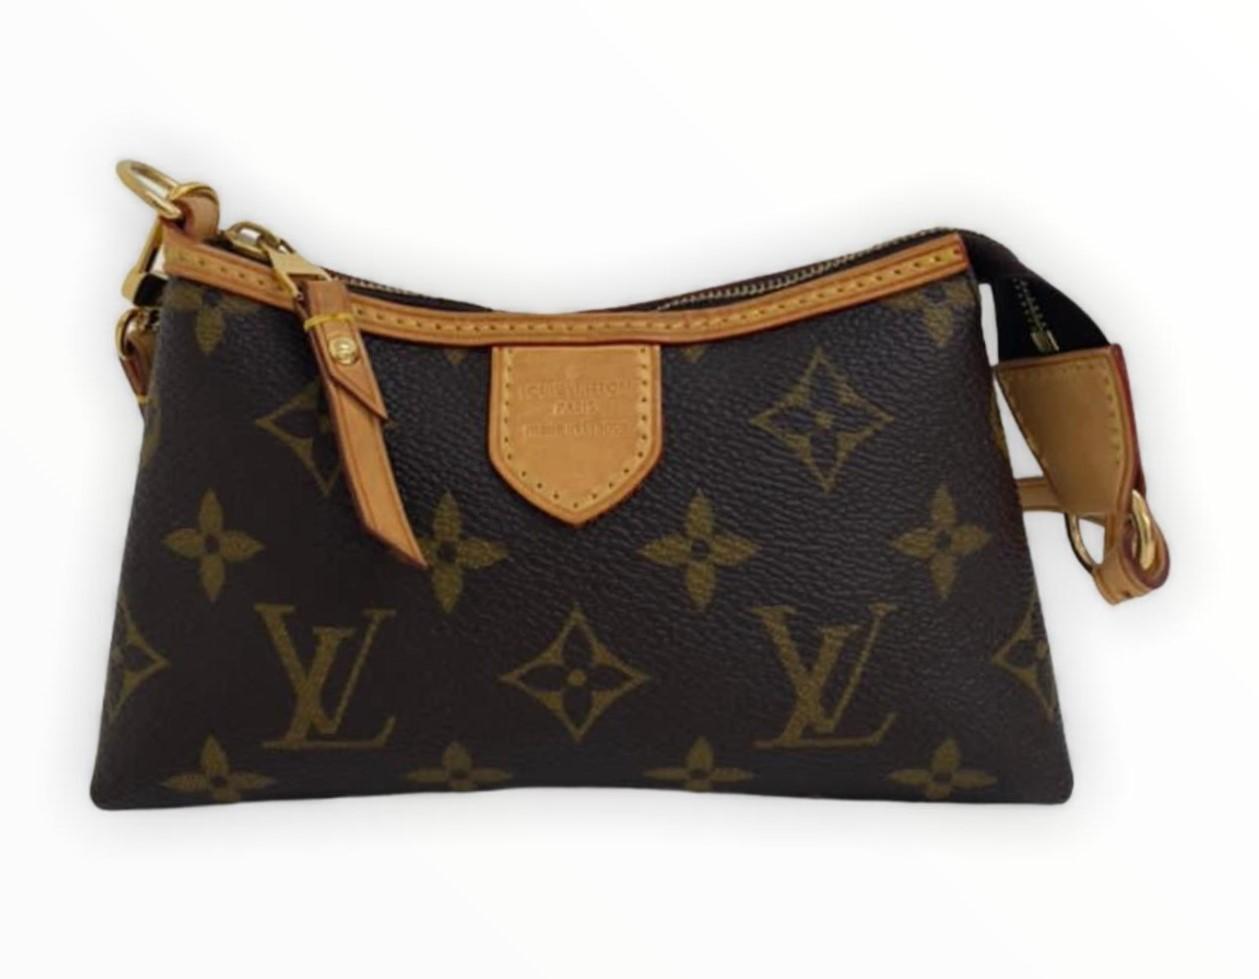 Bolsa Louis Vuitton Mini Delightful Pochette